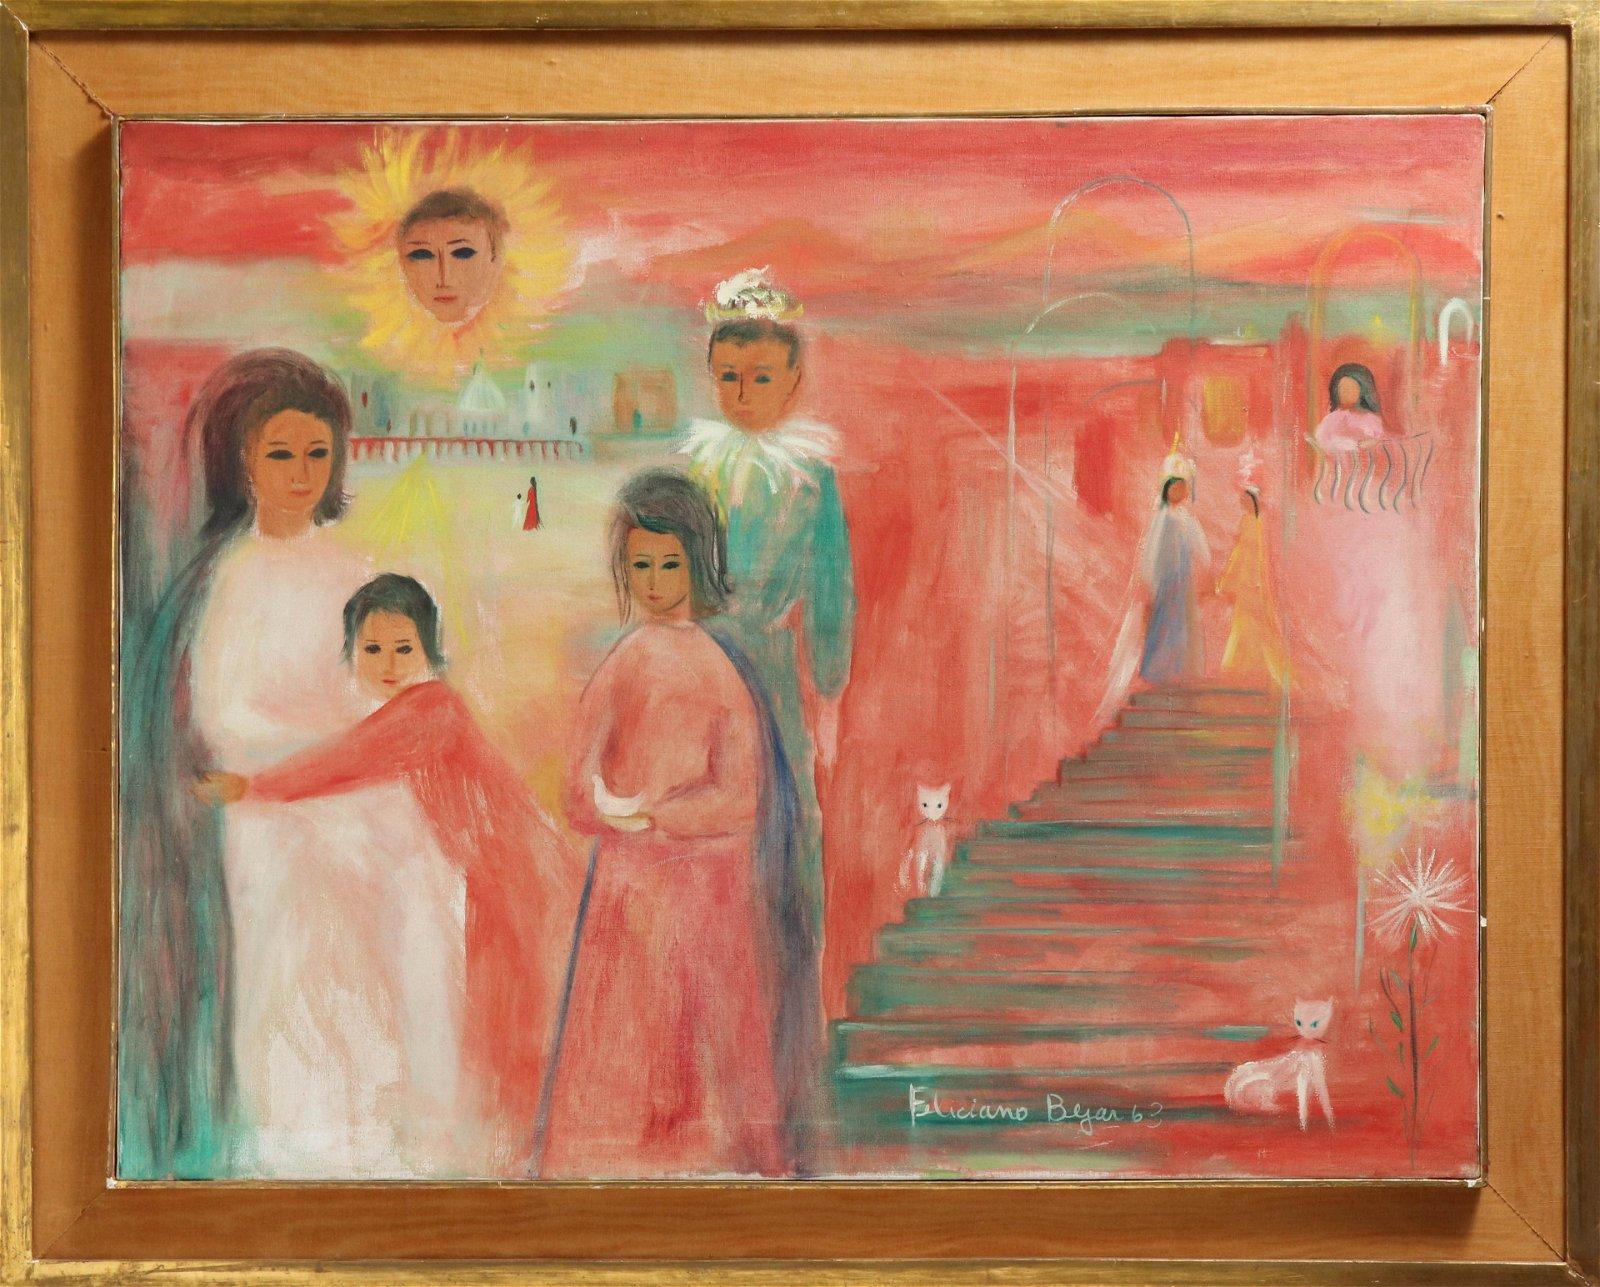 """Feliciano Bejar """"El Pequeno Bufon"""" Oil on Canvas"""